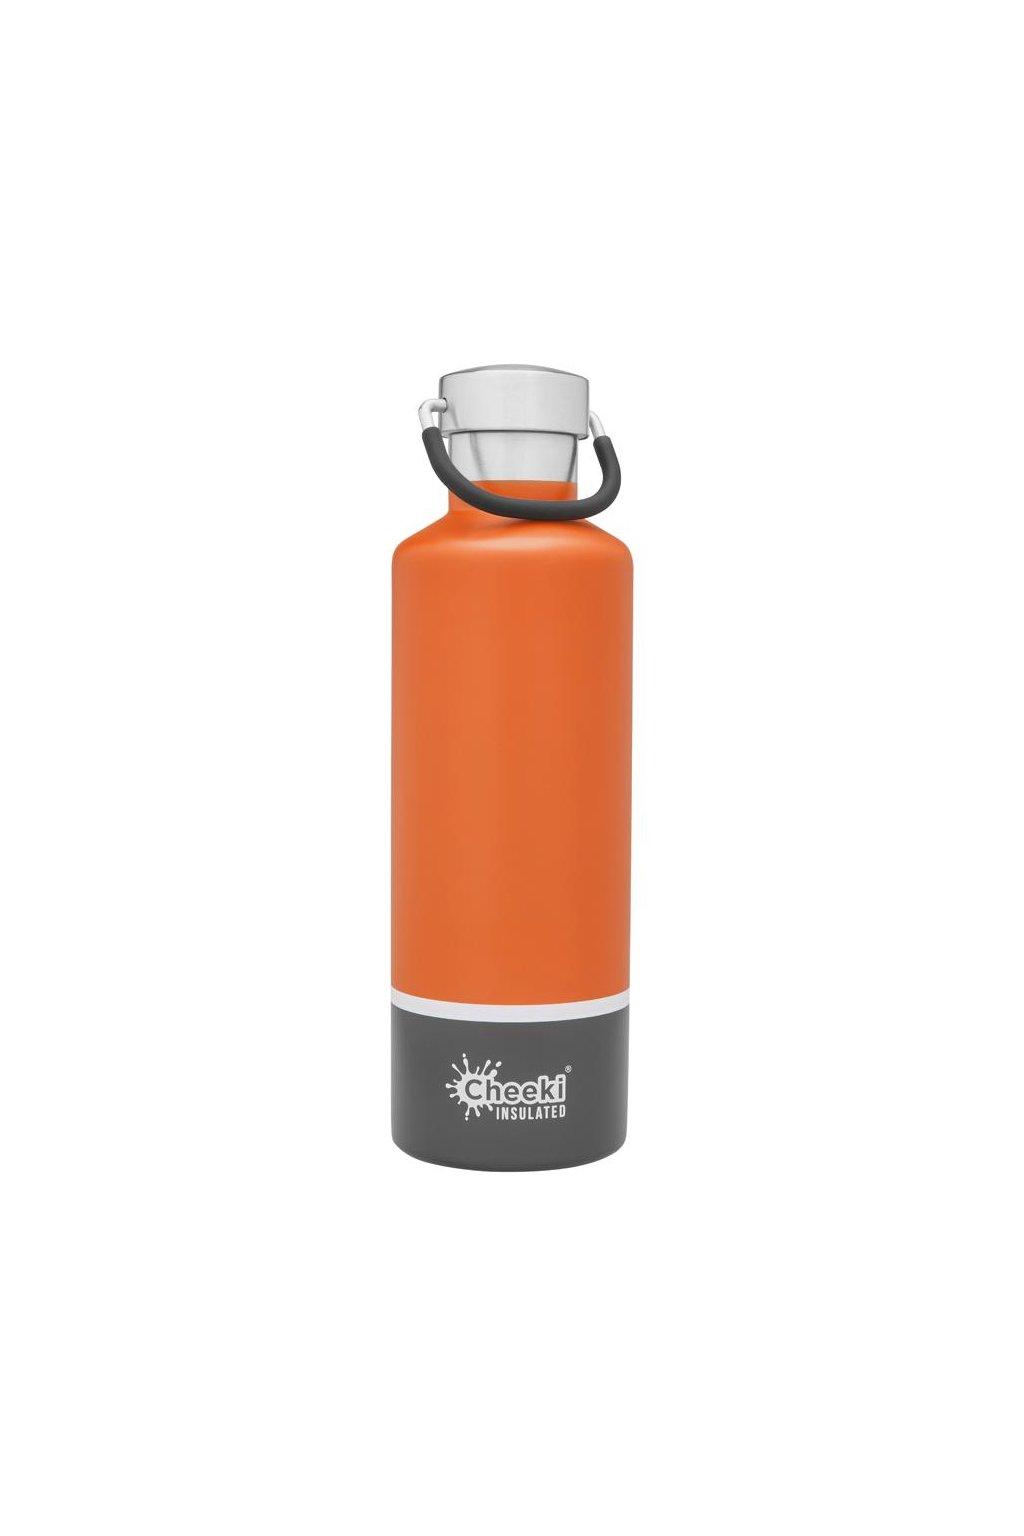 cheeki termoflasa 600ml Insulated Classic OrangeGrey Front